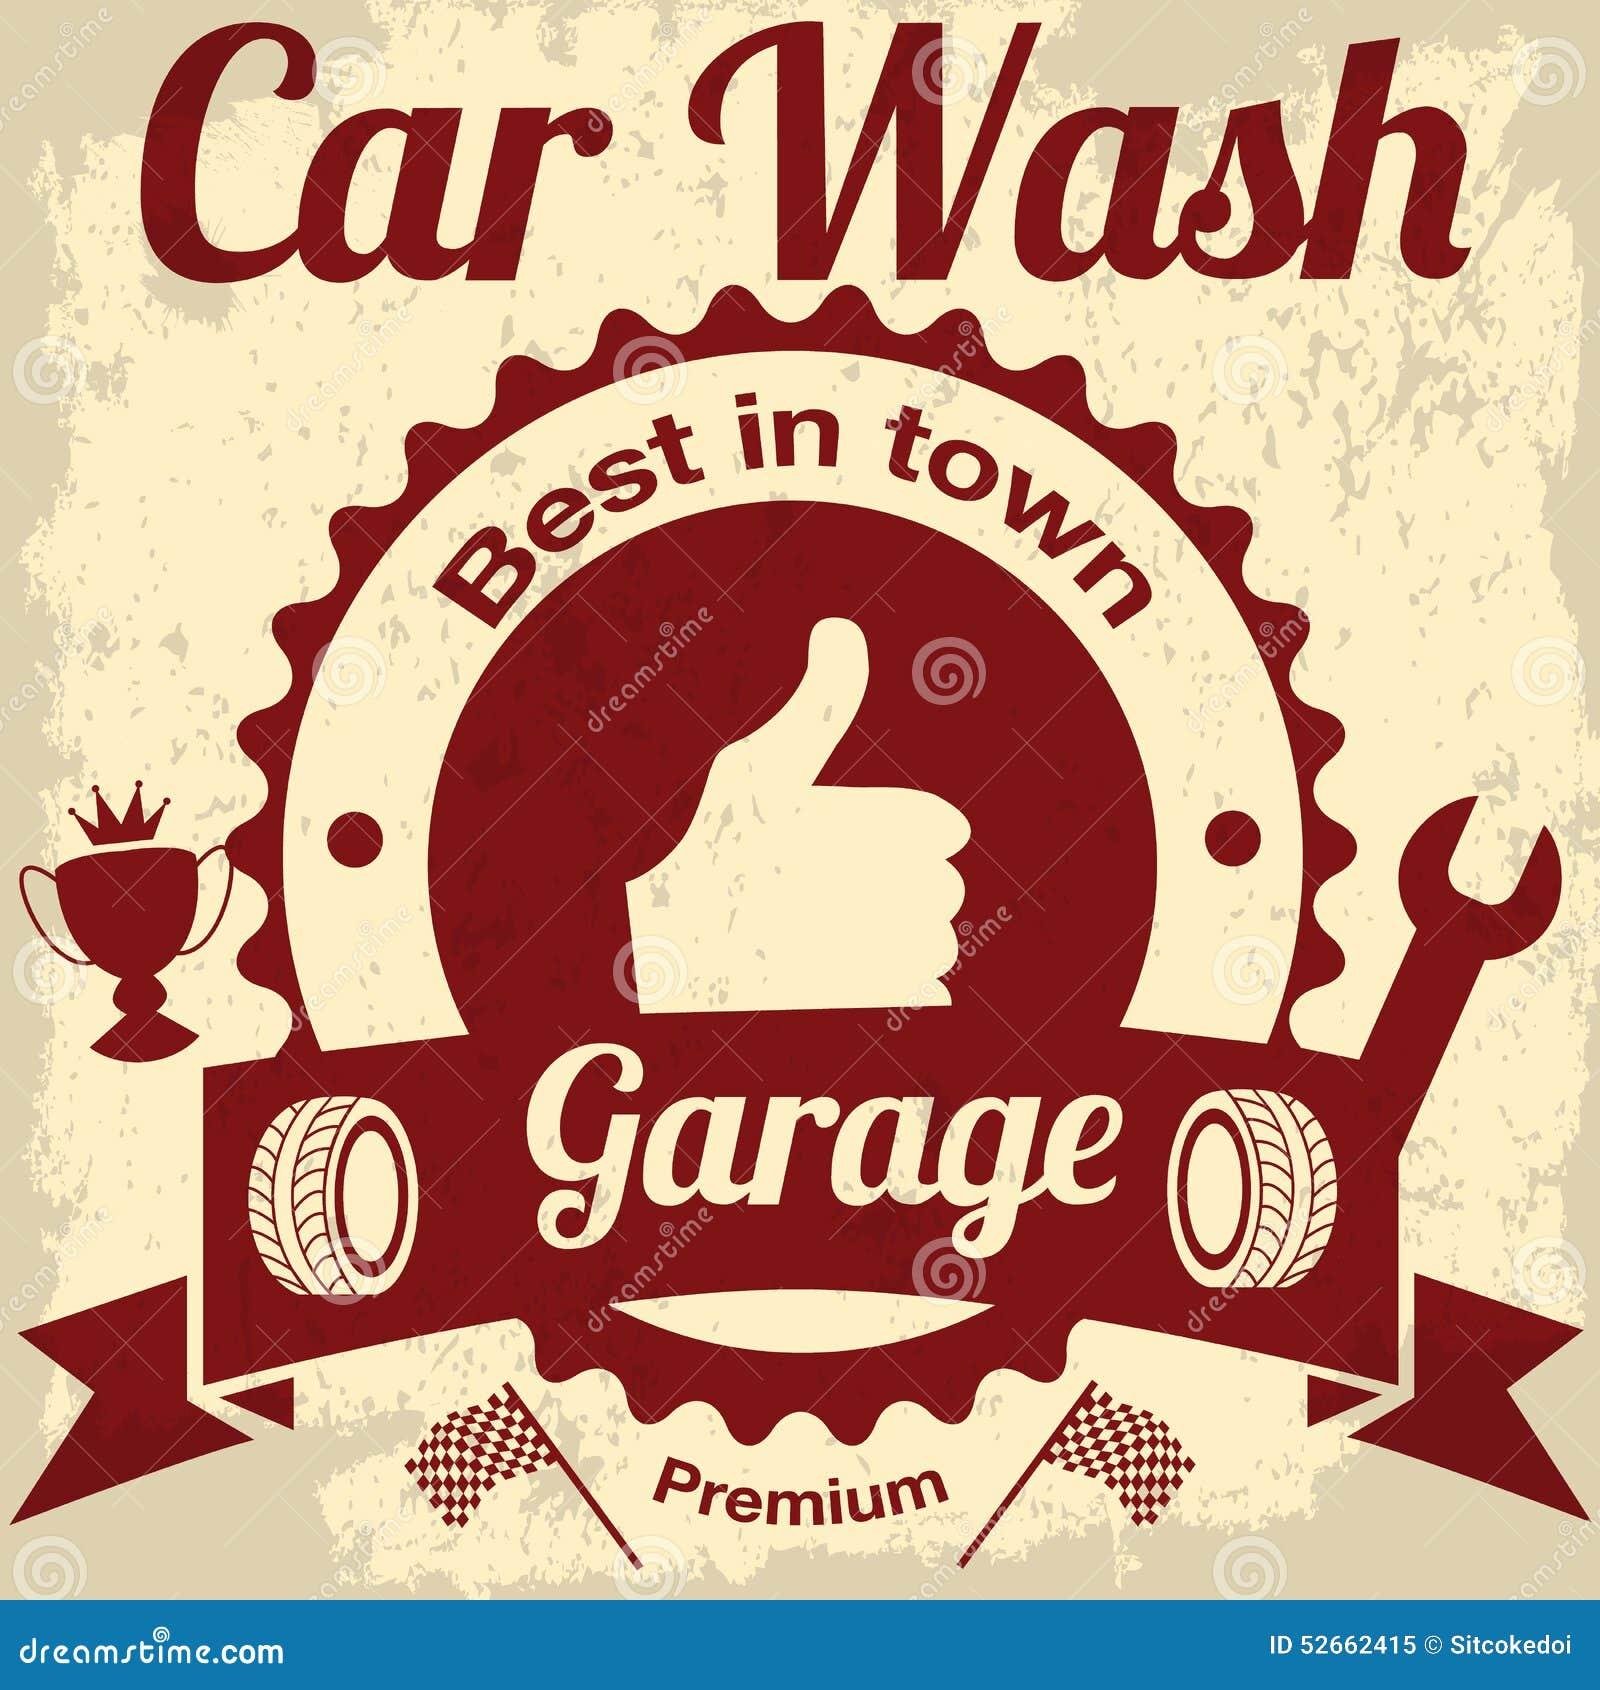 Remarkable, vintage car wash accept. interesting